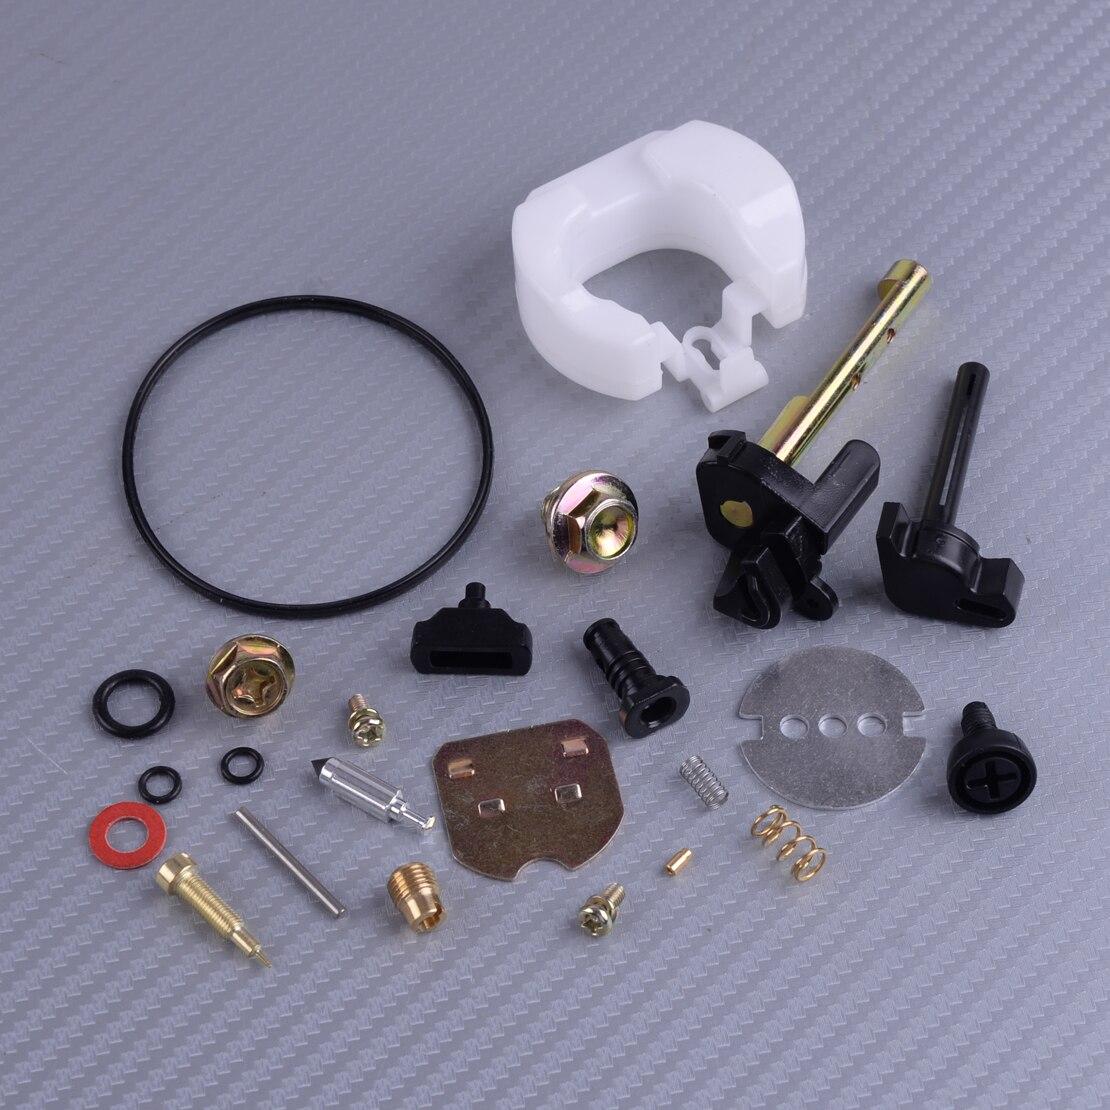 LETAOSK Новый карбюратор для восстановления ремонта комплект аксессуаров подходит для Honda GX390 13HP